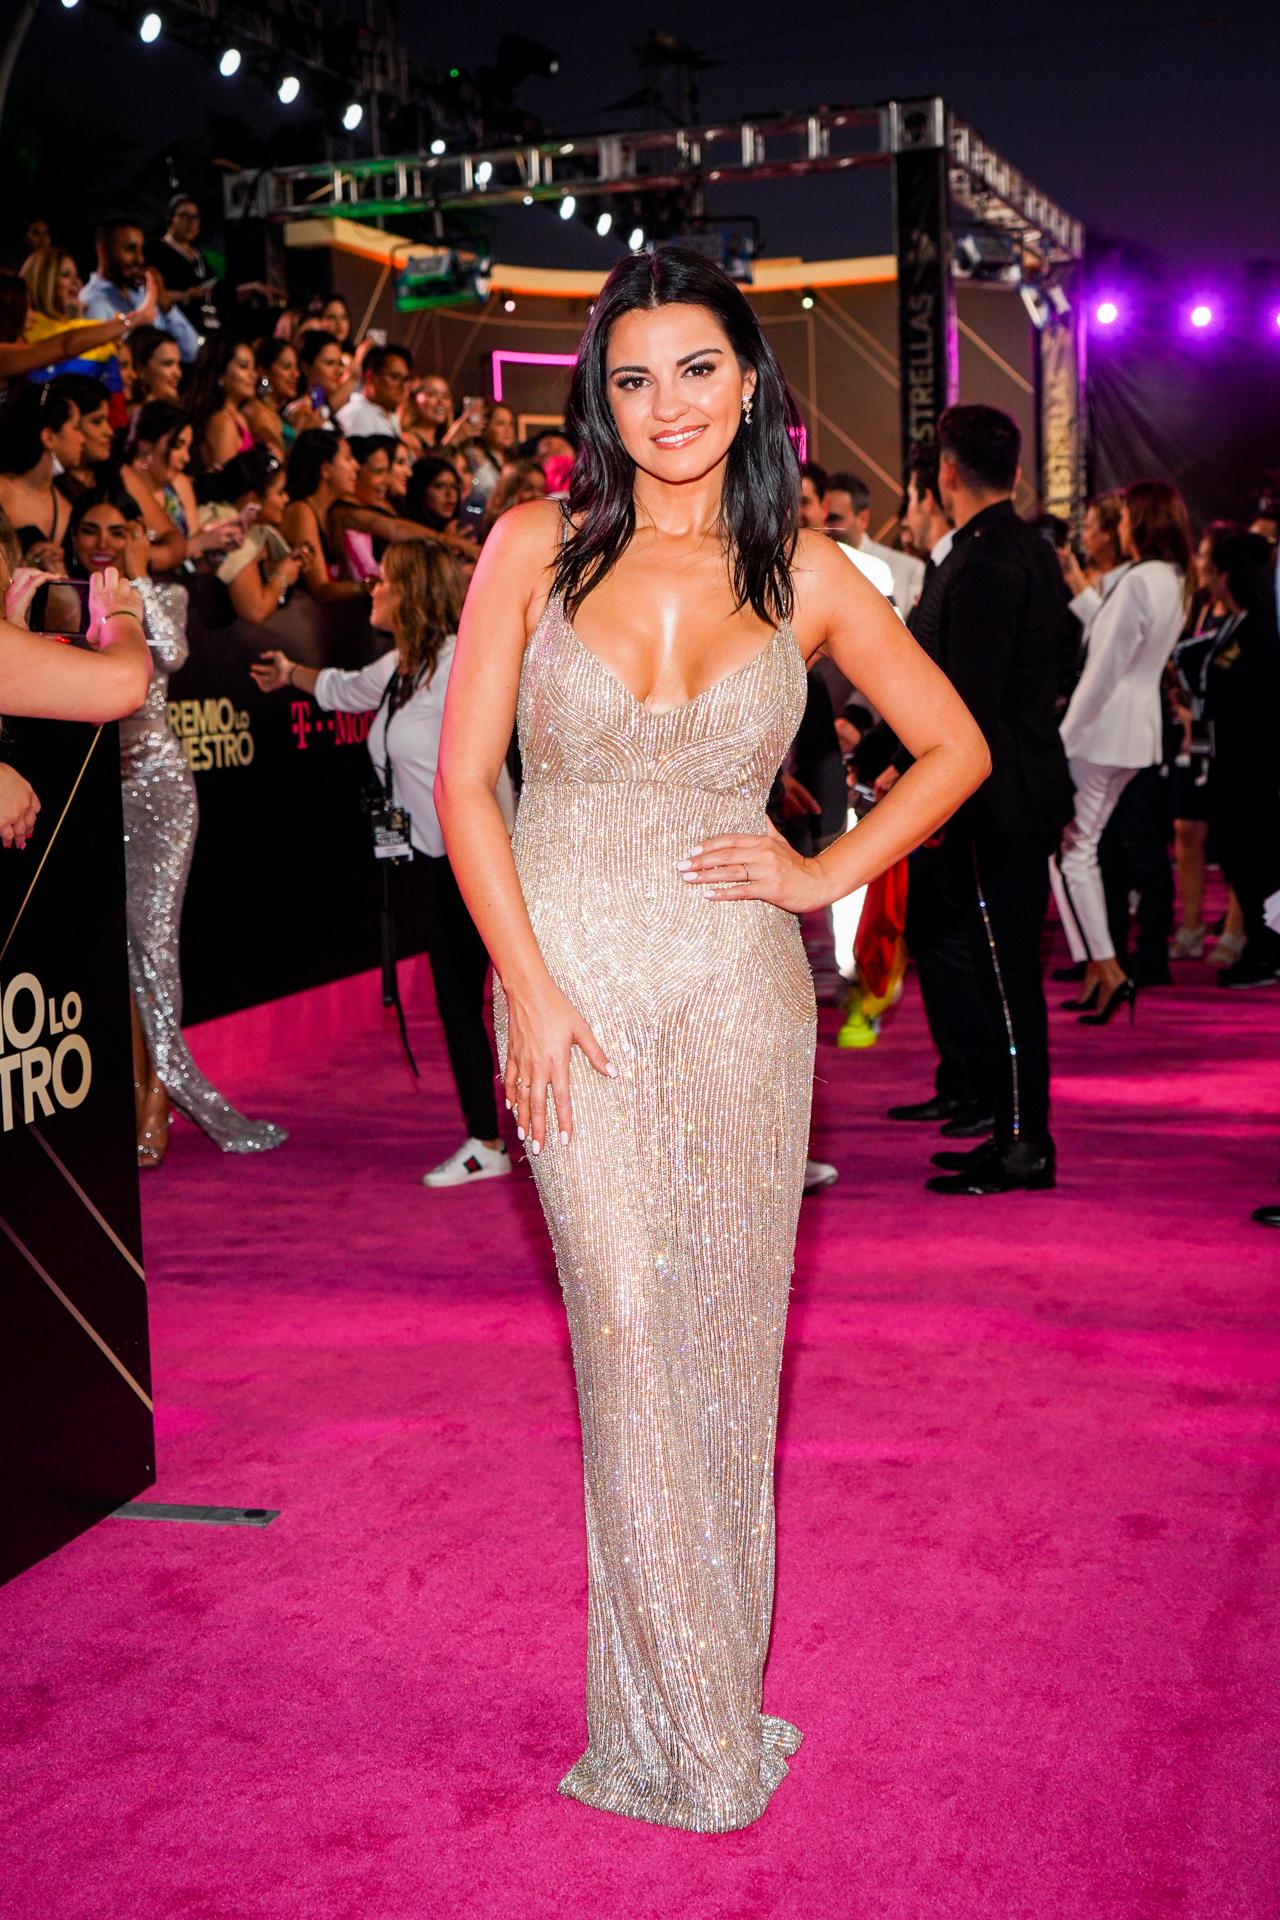 La actriz y cantante mexicana Maite Perroni a su llegada a la ceremonia, donde también fue presentadora. (Suministrada/ Univision)